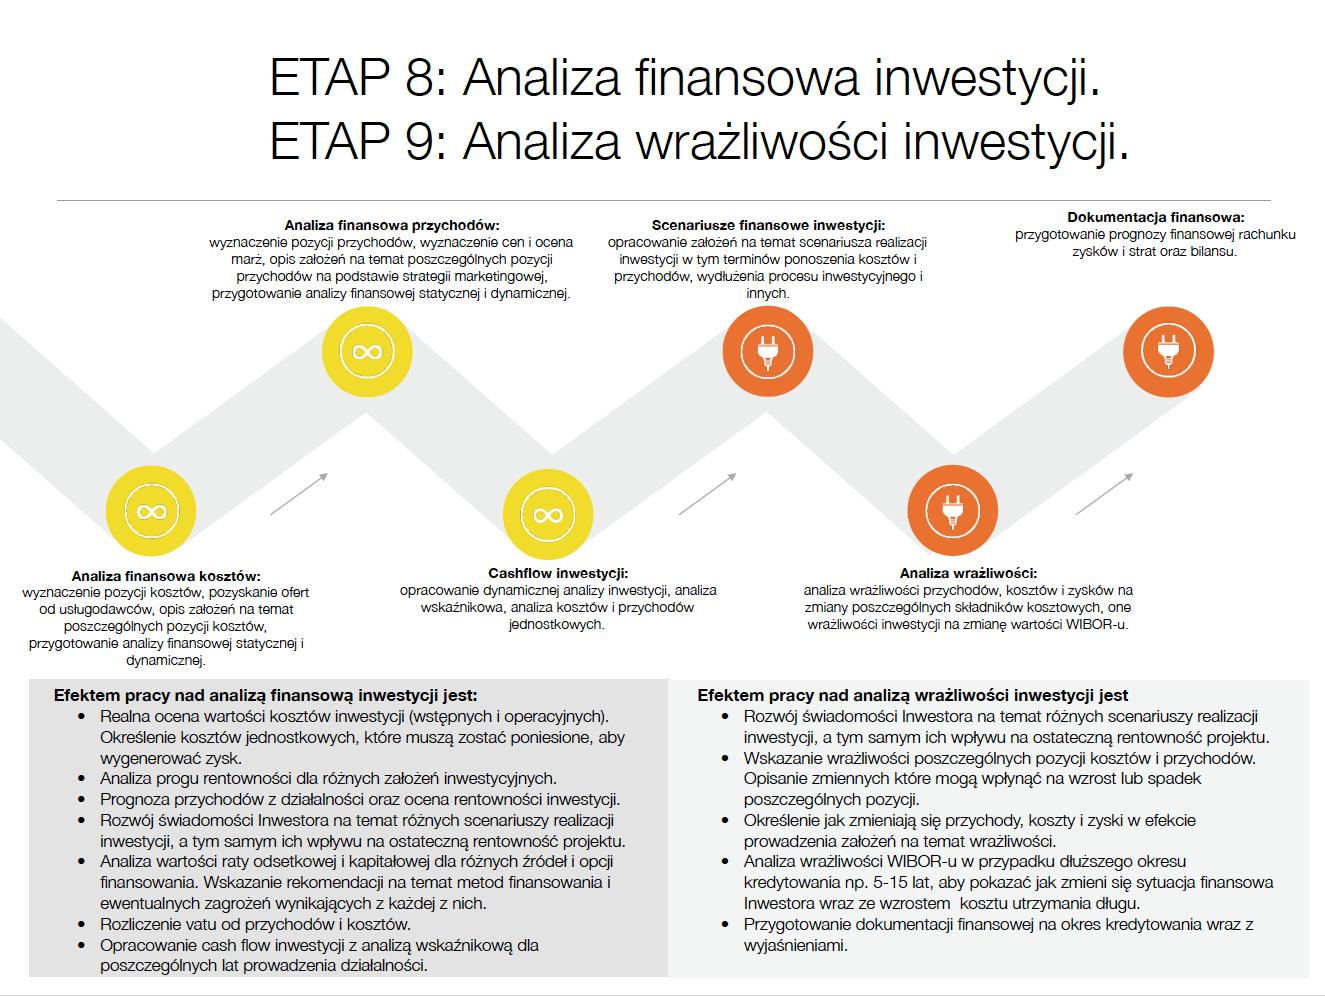 ETAP VIII: Opracowanie analizy finansowej statycznej i dynamicznej.